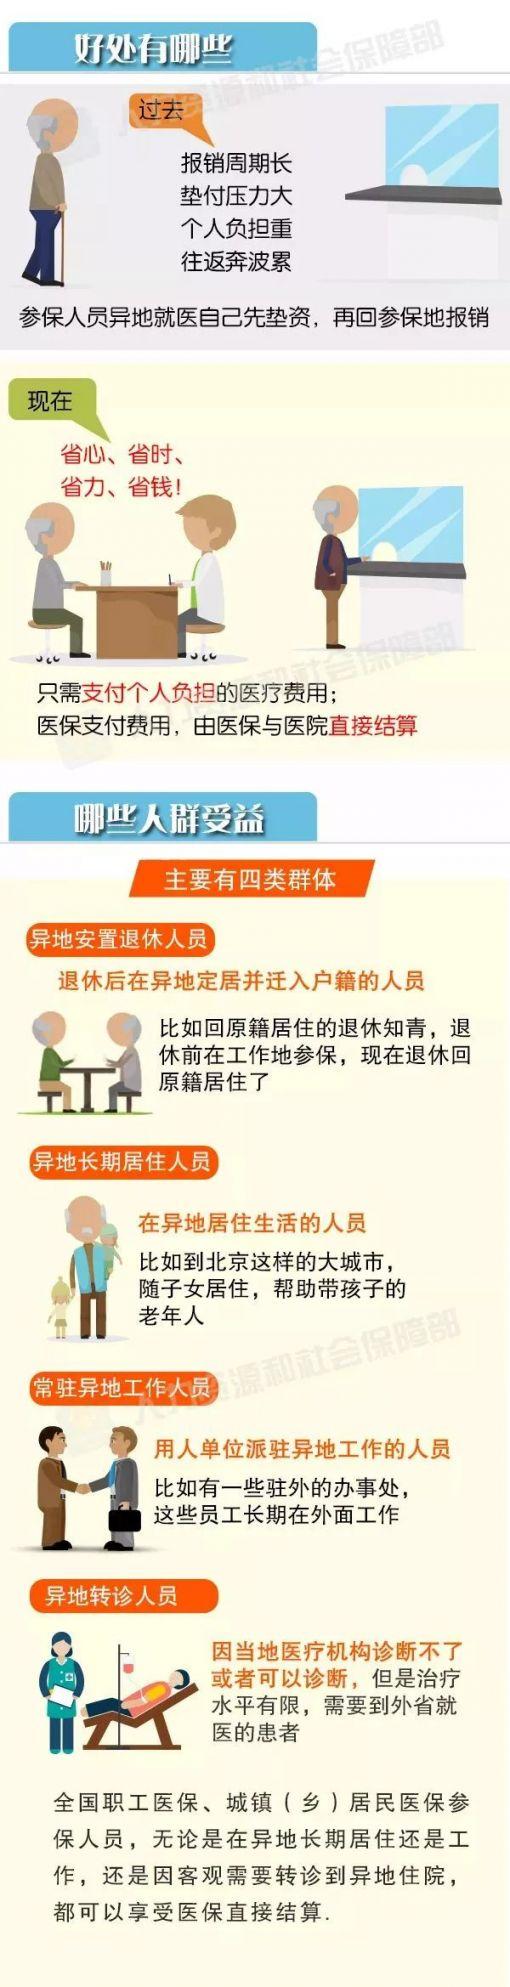 上海百姓在长三角居住或暂住 看门诊可直接结算